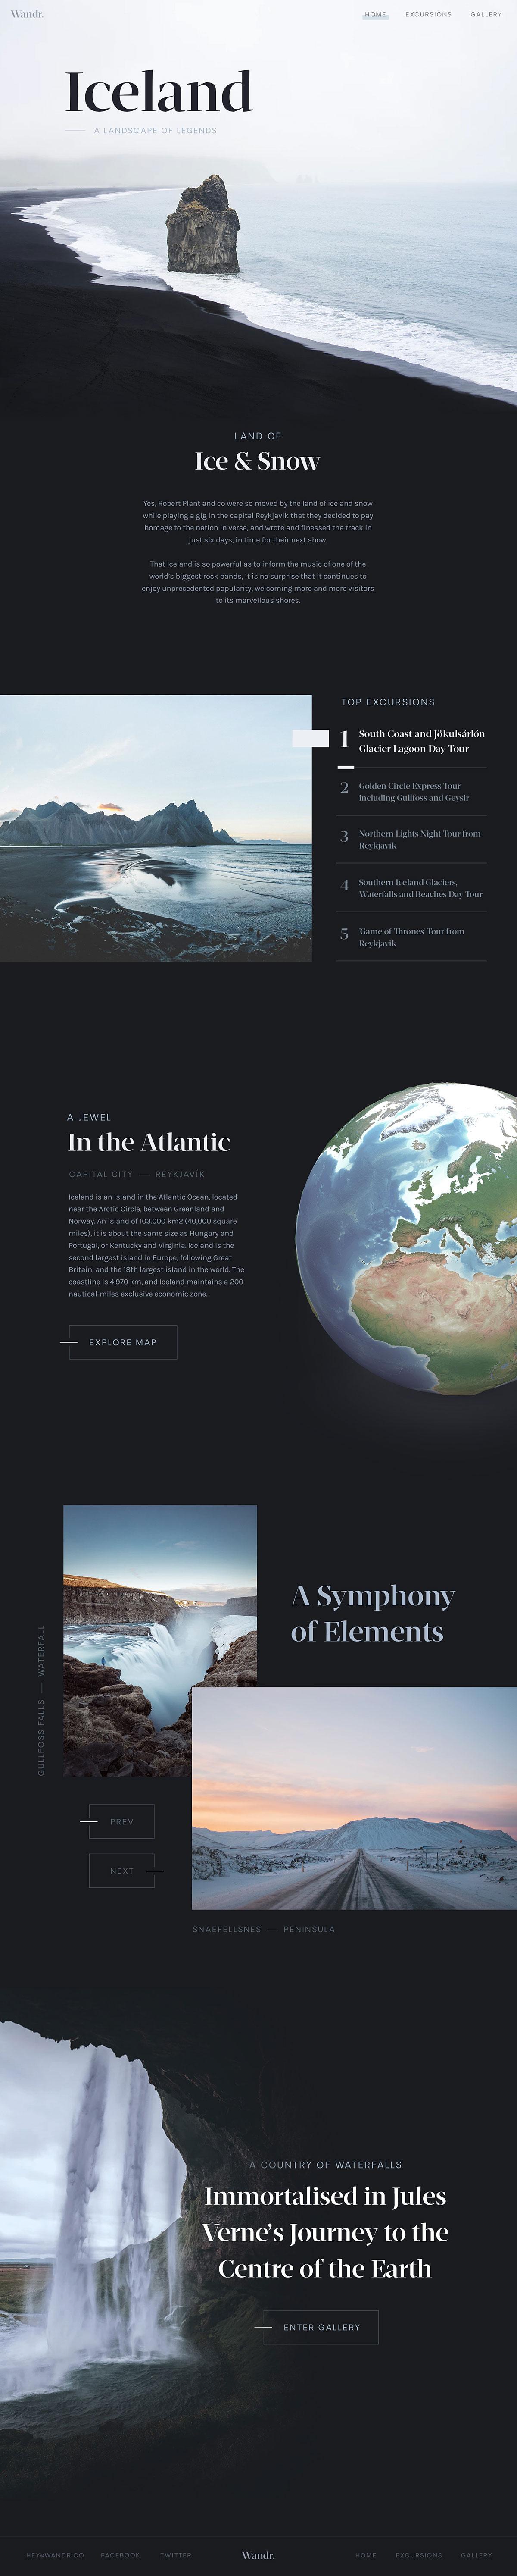 沿途的风景!13组旅行网页赏析